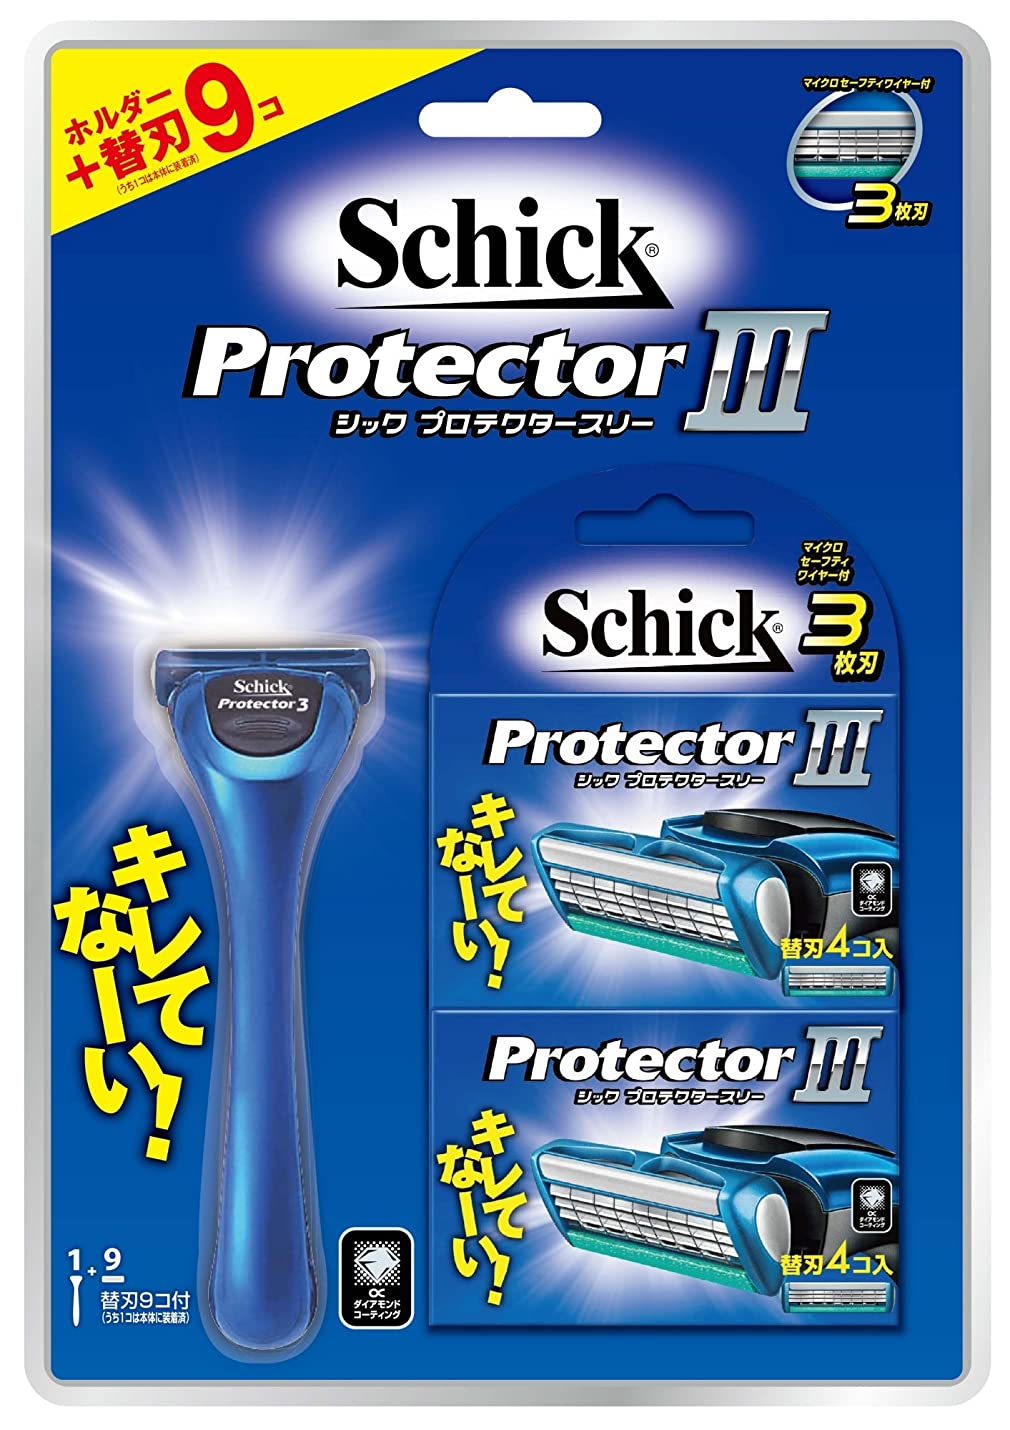 アクセルマットキャンペーンシック Schick 大容量 3枚刃 プロテクタースリー 替刃 9コ付 バリューパック ホルダー 本体付 男性カミソリ